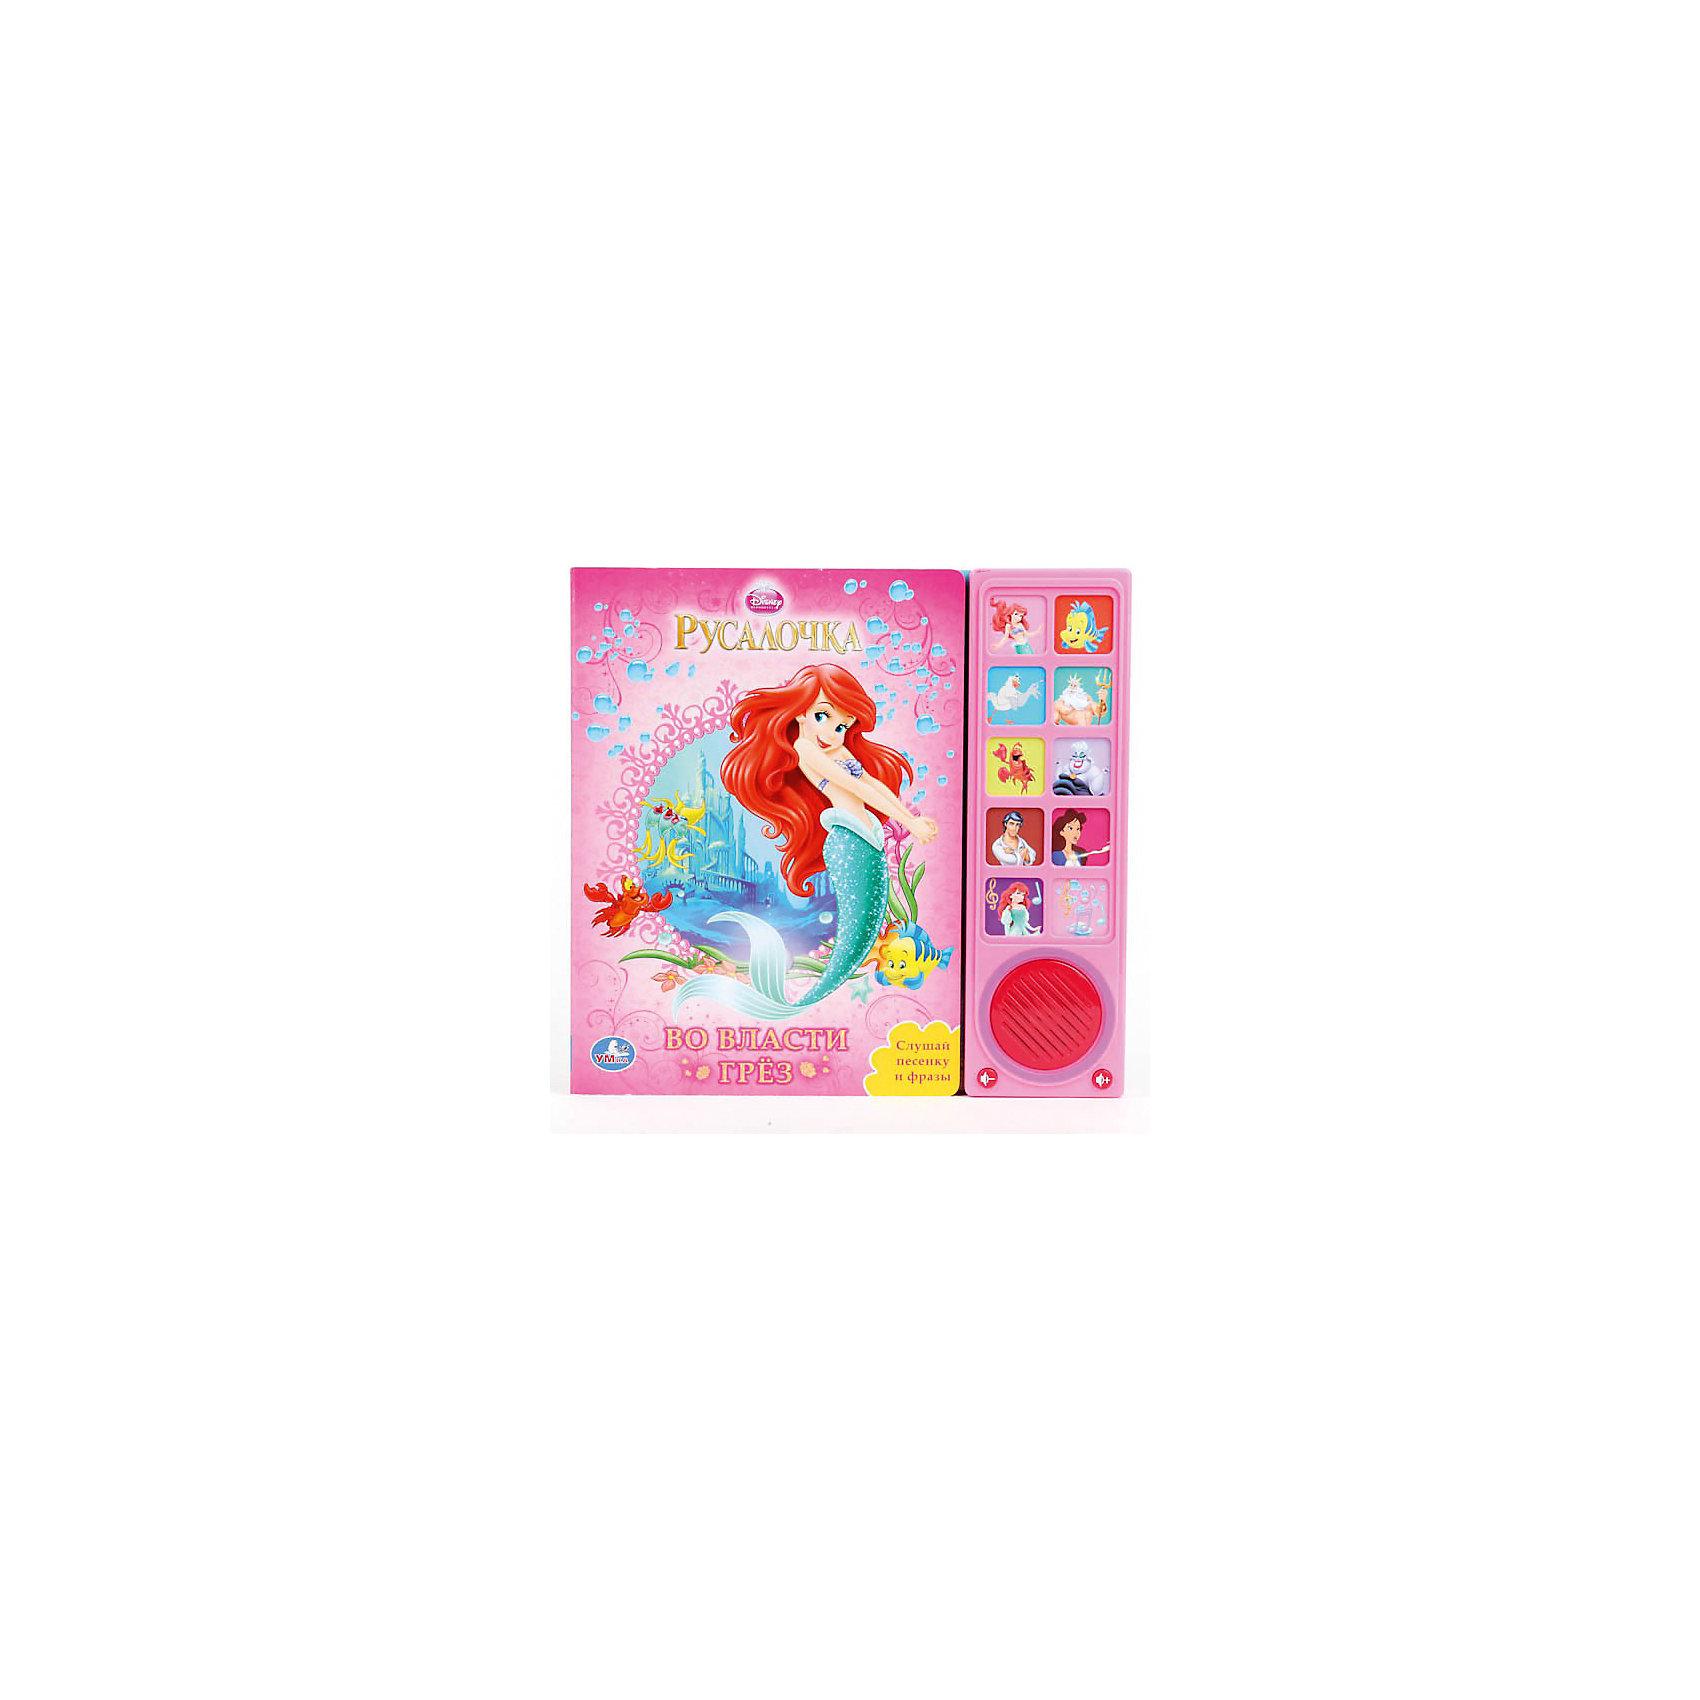 Книга с 10 кнопками Русалочка, Принцессы ДиснейРусалочка — это одна из знаменитых принцесс Диснея, которую любят миллионы девочек по всему миру. Красивая русалка с красными волосами обитает в подводном царстве и интерактивная книга Русалочка Disney Princess (Принцессы Диснея) расскажет Вашей малышке одну из удивительный историй о ней. Потрясающая книга оснащена звуковым модулем и при нажатии на каждую из десяти кнопок, малыш услышит фразу, озвученную голосом любимого персонажа. Интерактивная книга не только расширяет кругозор малыша, но и развивает его мелкую моторику, внимательность и логическое мышление.<br><br>Дополнительная информация:<br><br>- Редактор: Кристина Хомякова<br>- Количество страниц: 10;<br>- 10 звуковых кнопок;<br>- Твердая обложка;<br>- Чудный подарок для поклонниц мультфильма Русалочка;<br>- Замечательное звуковое оформление;<br>- Яркие иллюстрации;<br>- Размер: 24 х 23 см;<br>- Вес: 490 г<br><br>Книжку Русалочка Disney Princess (Принцессы Диснея)  можно купить в нашем интернет-магазине.<br><br>Ширина мм: 240<br>Глубина мм: 20<br>Высота мм: 230<br>Вес г: 490<br>Возраст от месяцев: 12<br>Возраст до месяцев: 60<br>Пол: Женский<br>Возраст: Детский<br>SKU: 3801131